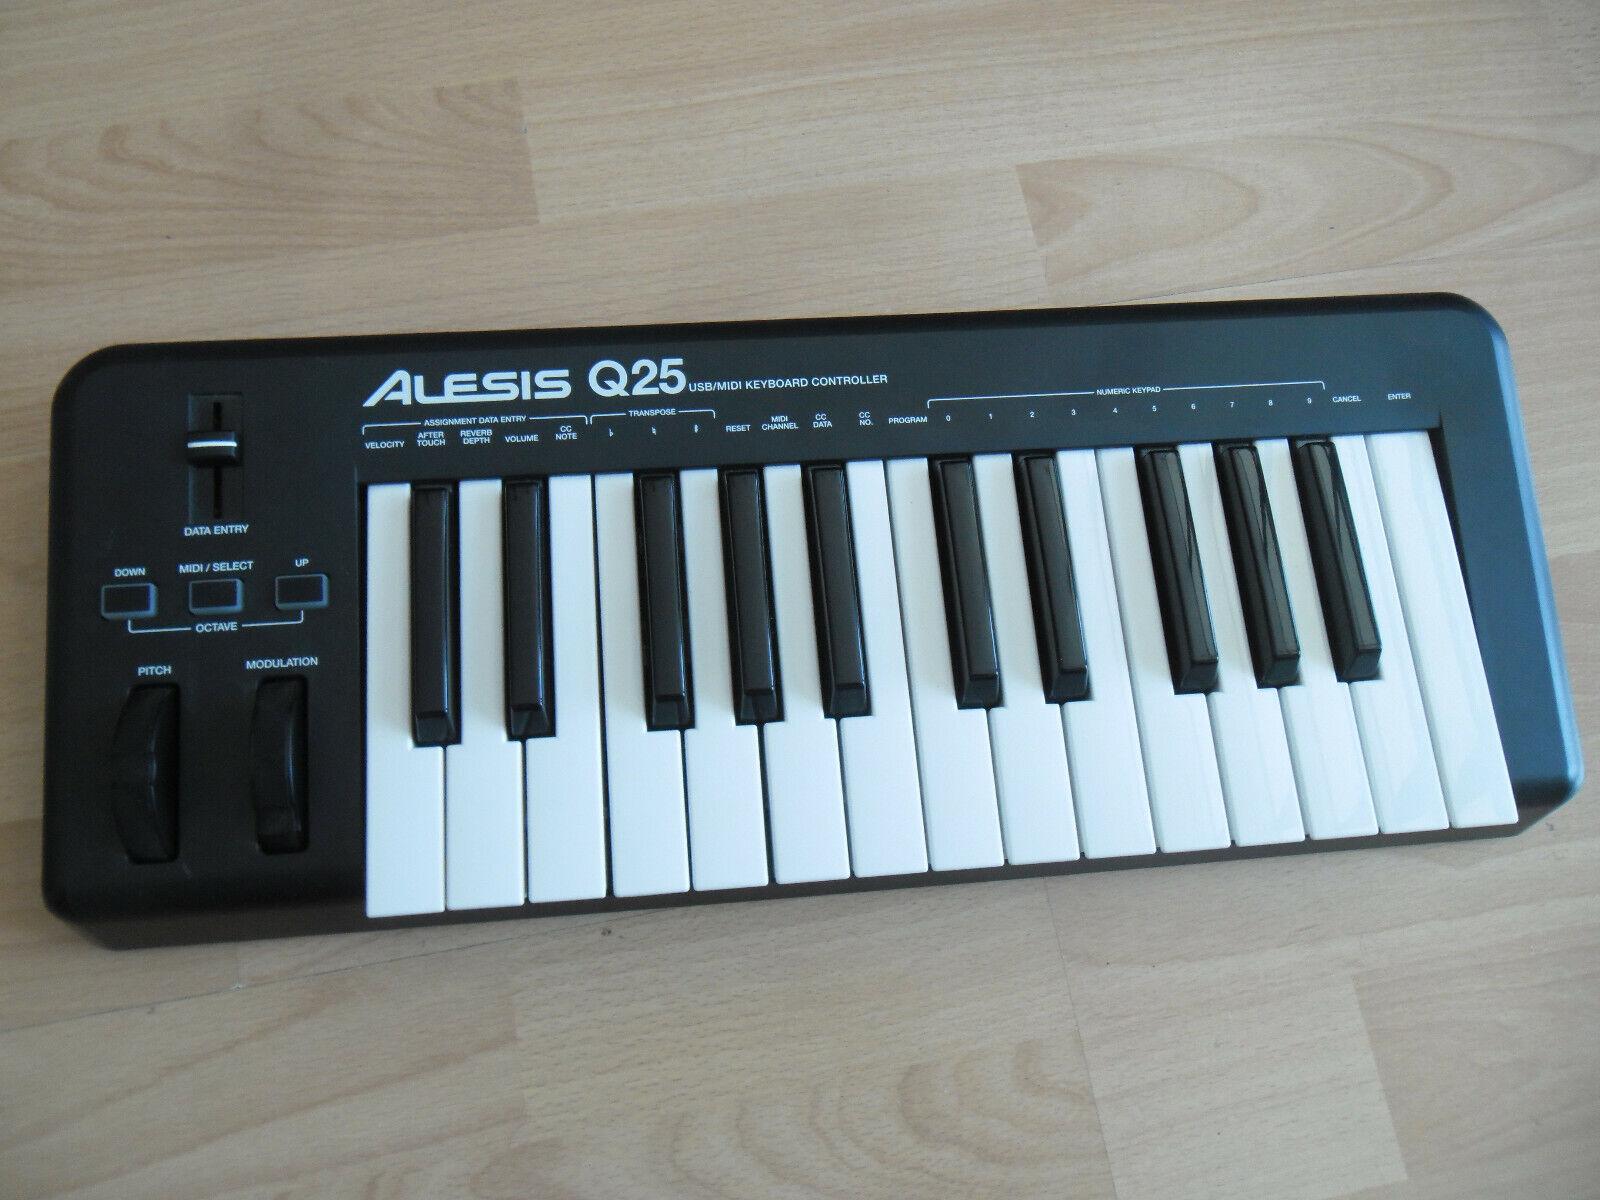 basso prezzo del 40% ALESIS Q25 MIDI CONTROLLER,USB EX DEMO NEGOZIO,GARANZIA NEGOZIO,GARANZIA NEGOZIO,GARANZIA 24 MESI  vendita calda